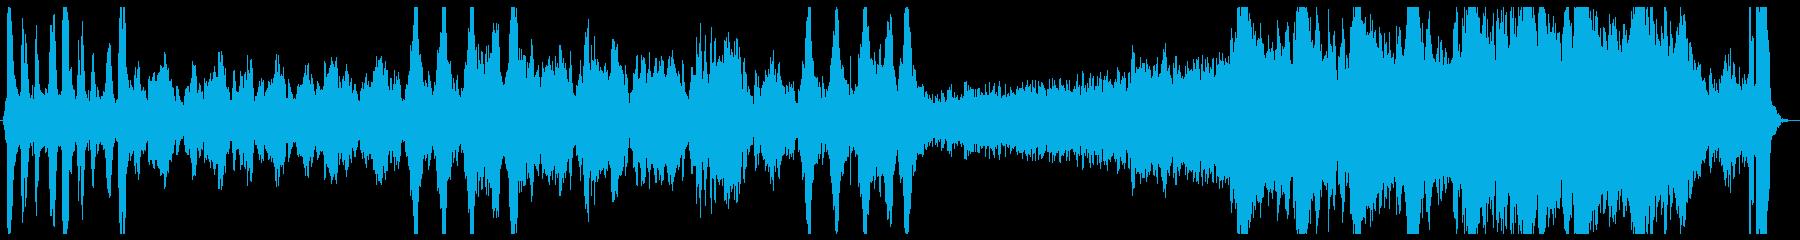 和風バトル曲の再生済みの波形